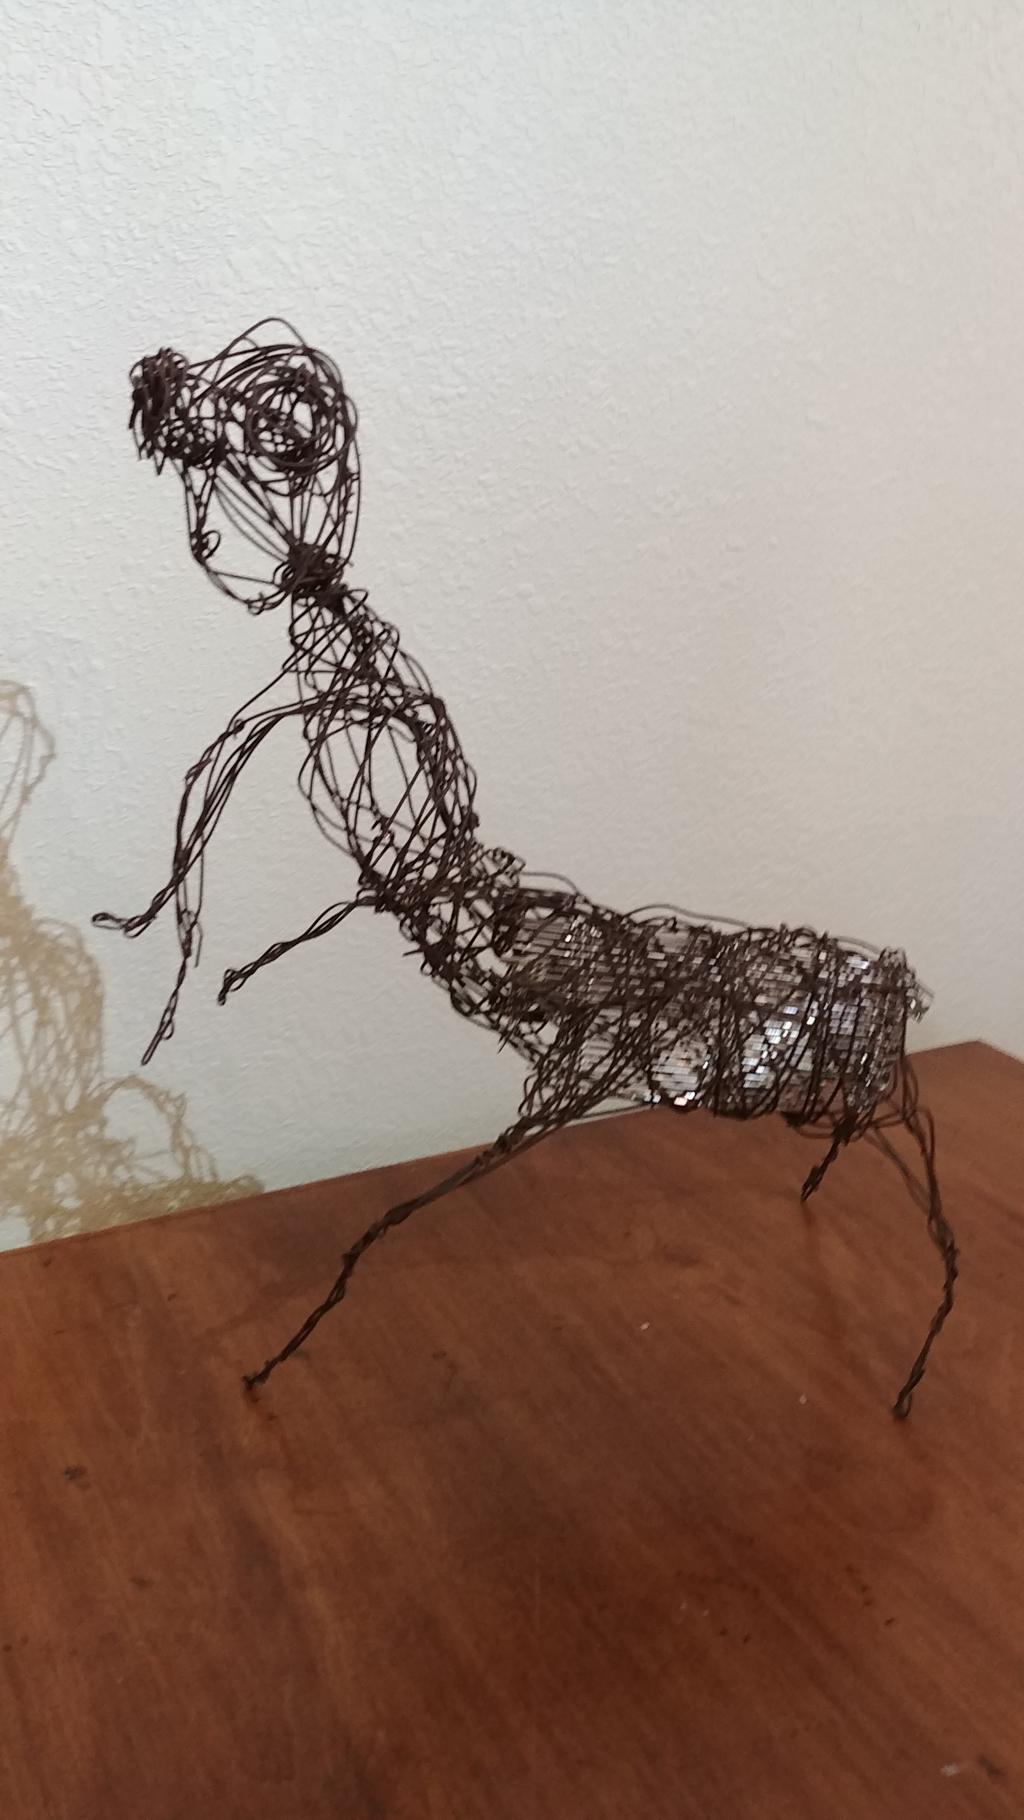 Praying Mantis by Derek Hoehn